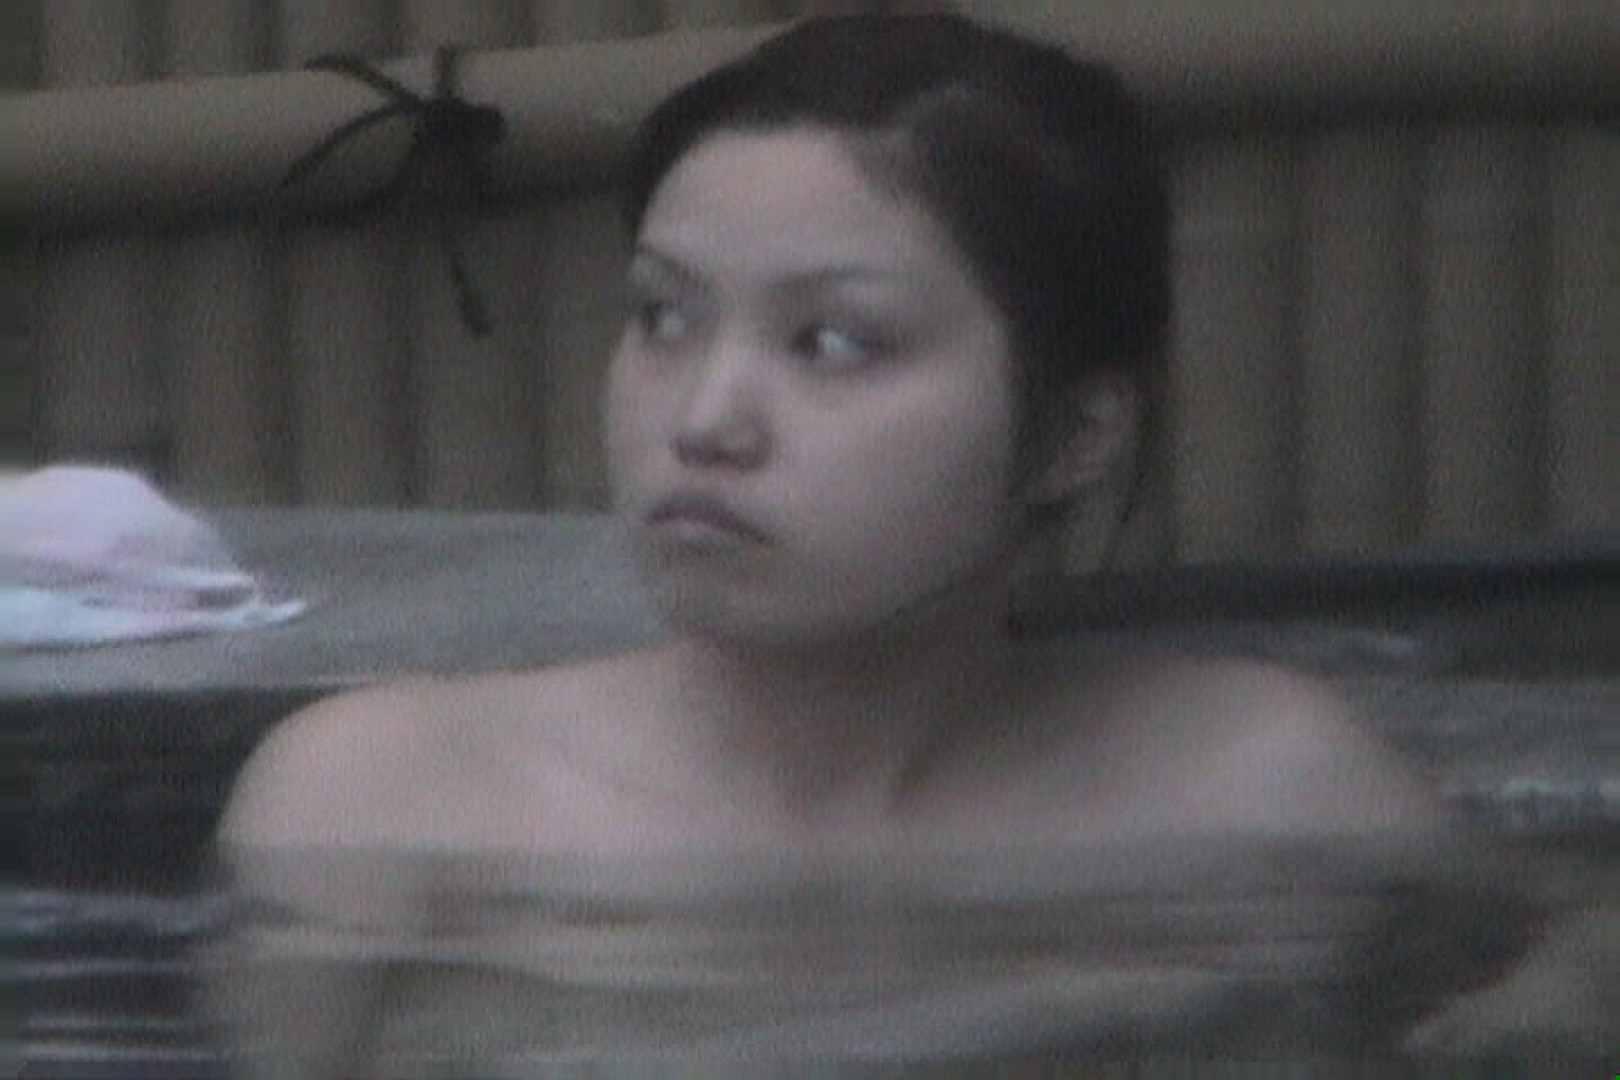 Aquaな露天風呂Vol.602 盗撮師作品 | 美しいOLの裸体  98pic 28